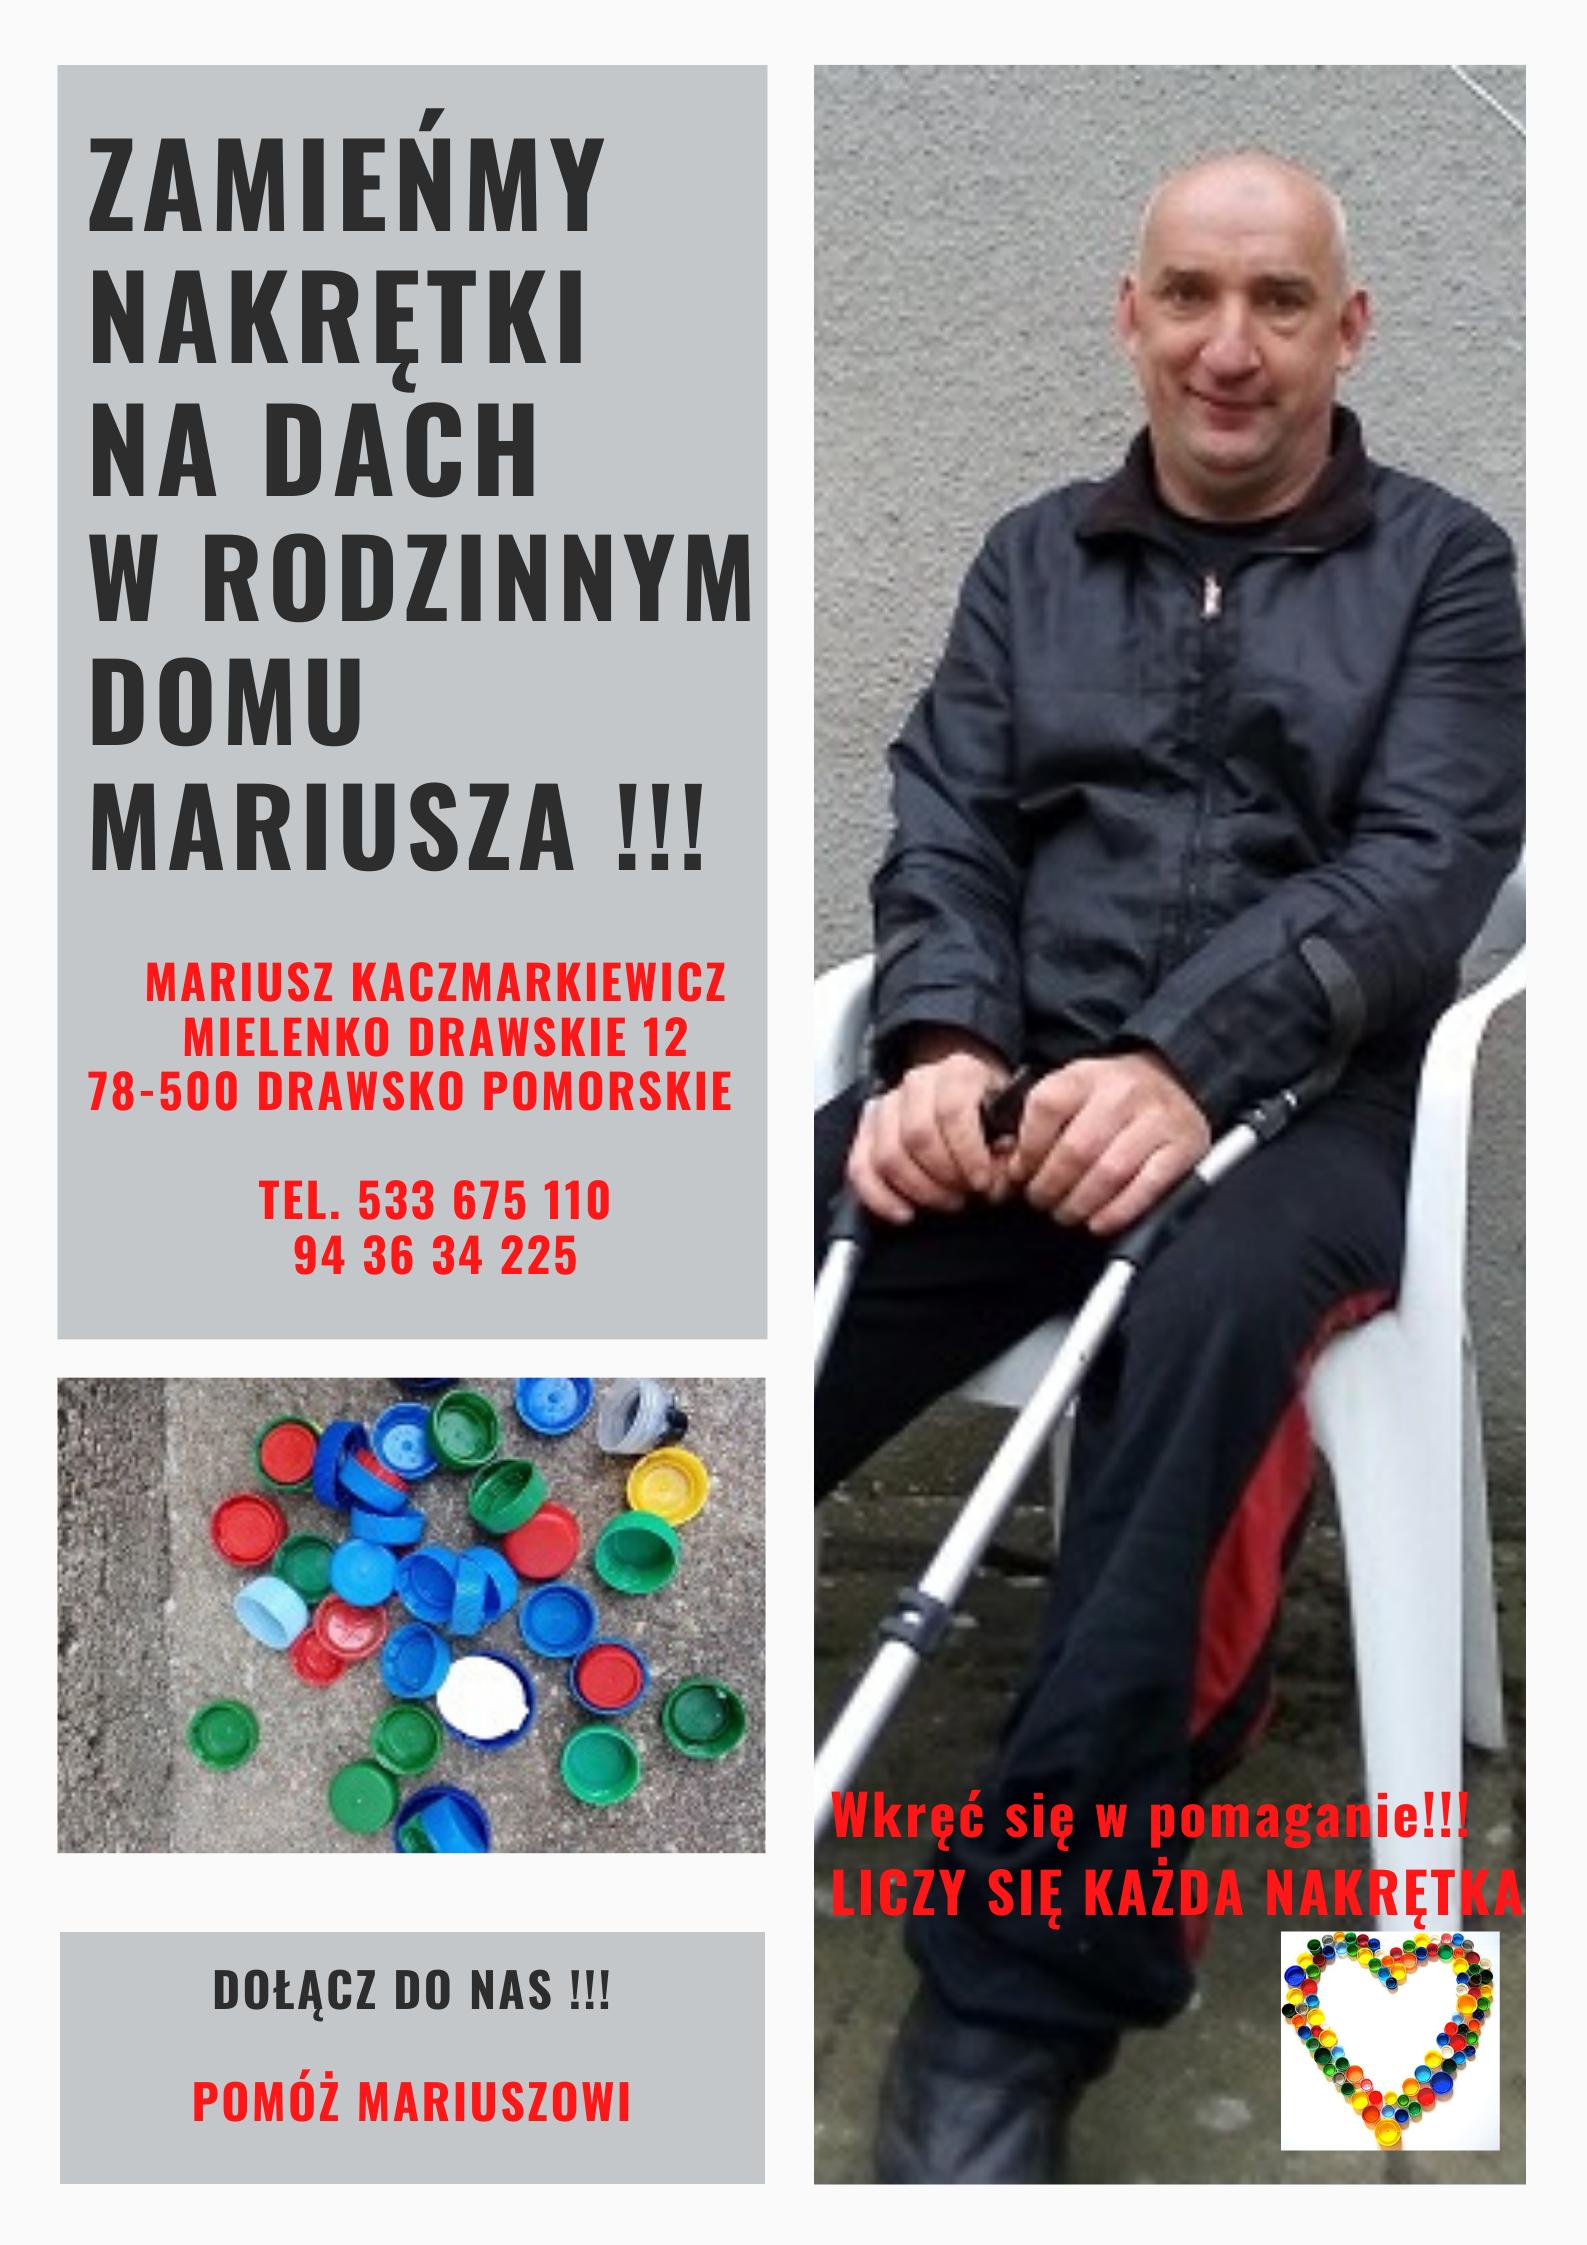 Przedsiębiorca ze Złocieńca chce pomóc Mariuszowi ! Ruszyła też zbiórka publiczna